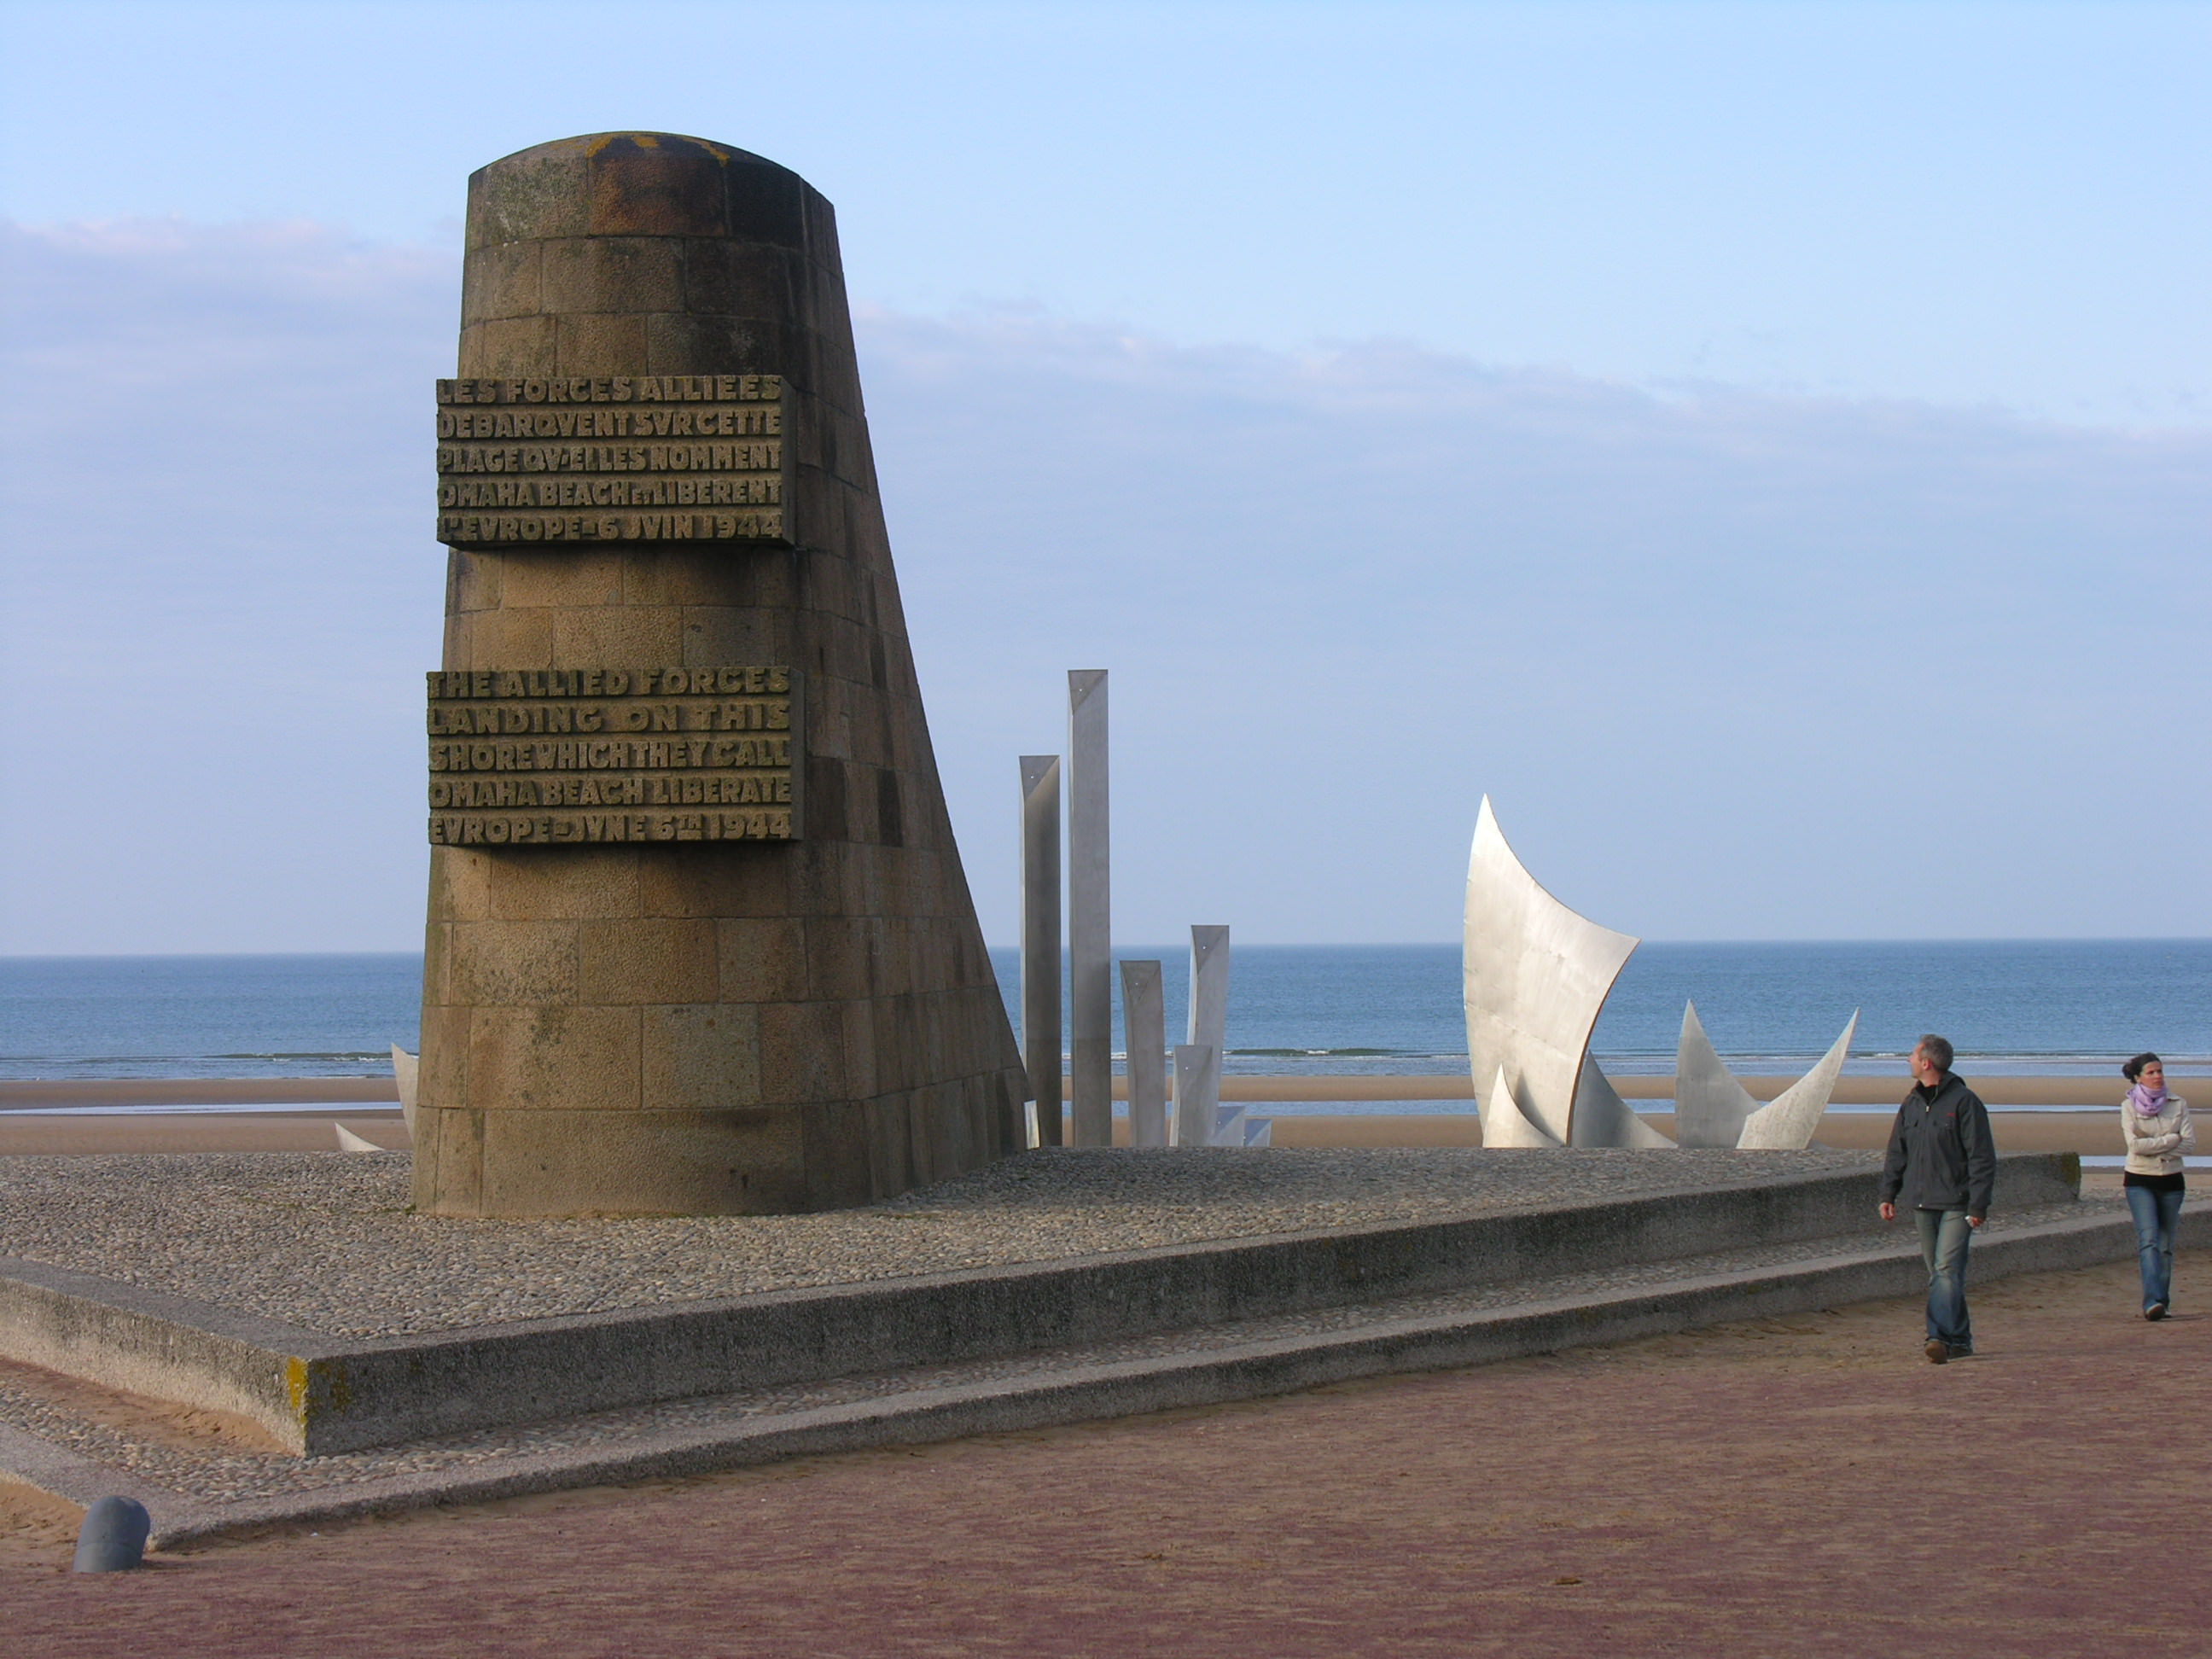 U.S. Memorial at Normandy